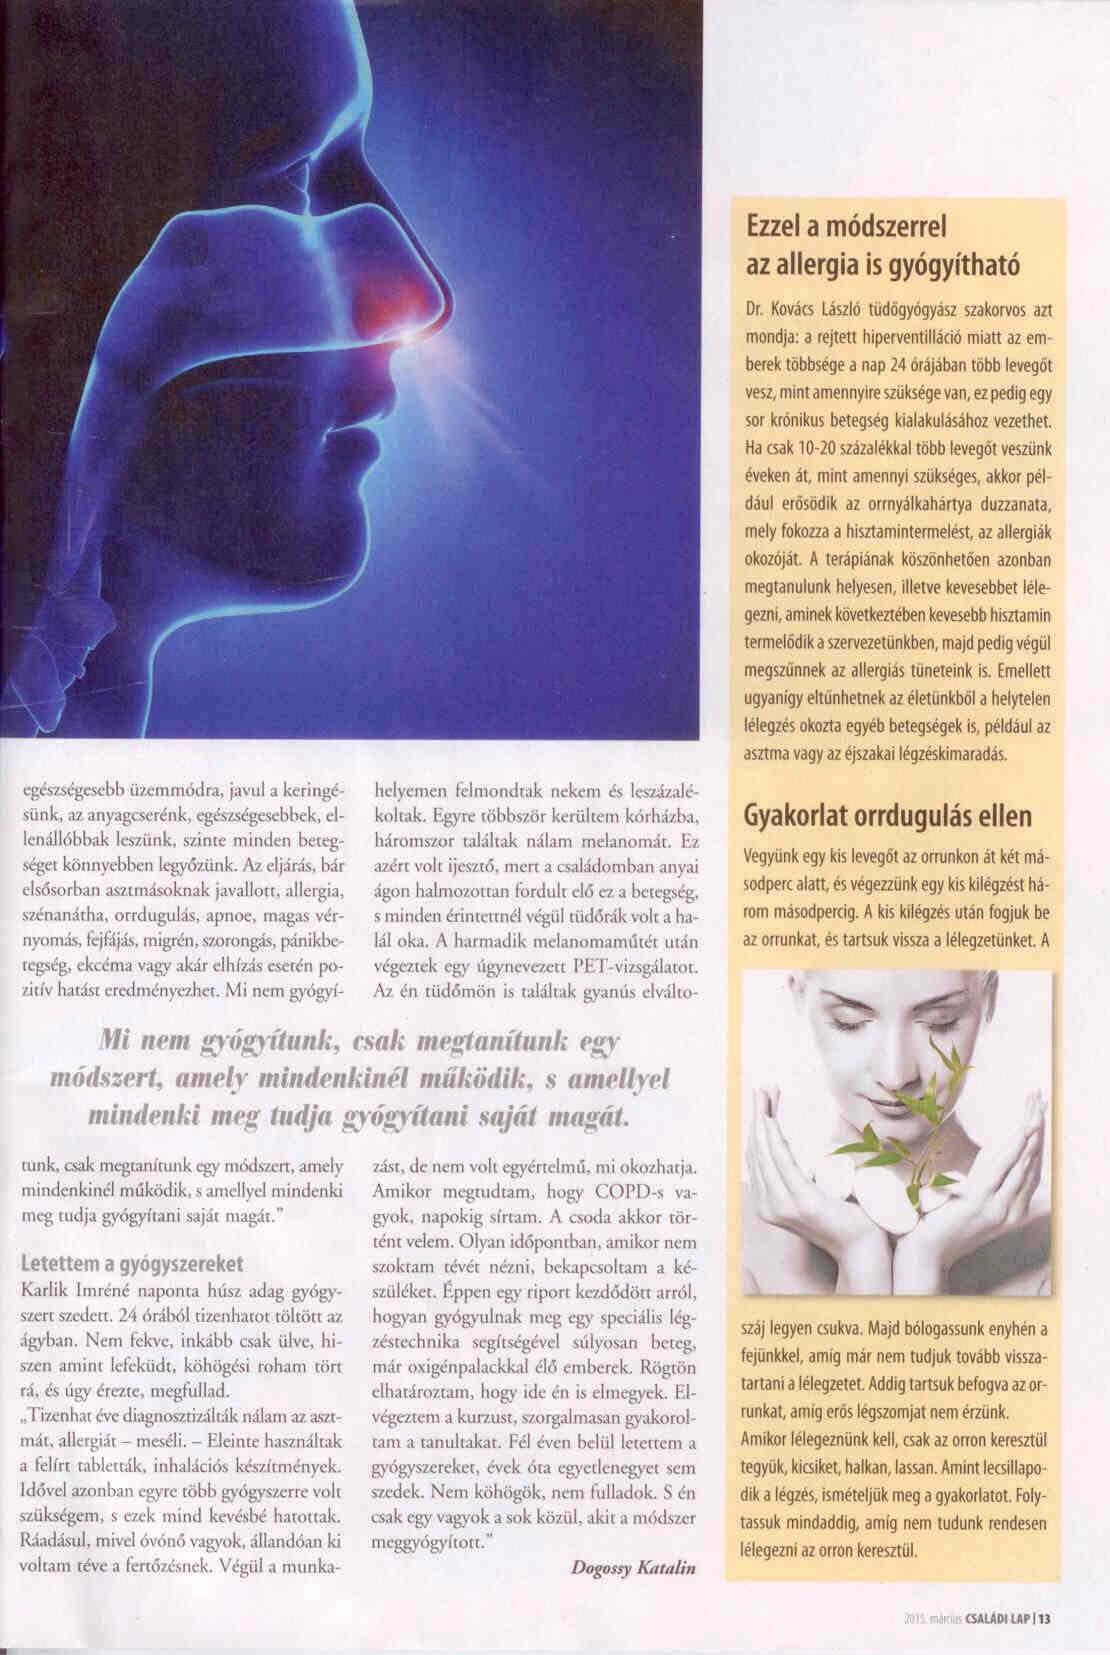 Légzést okoz és megszabadul, Folyadéklégzés – Wikipédia